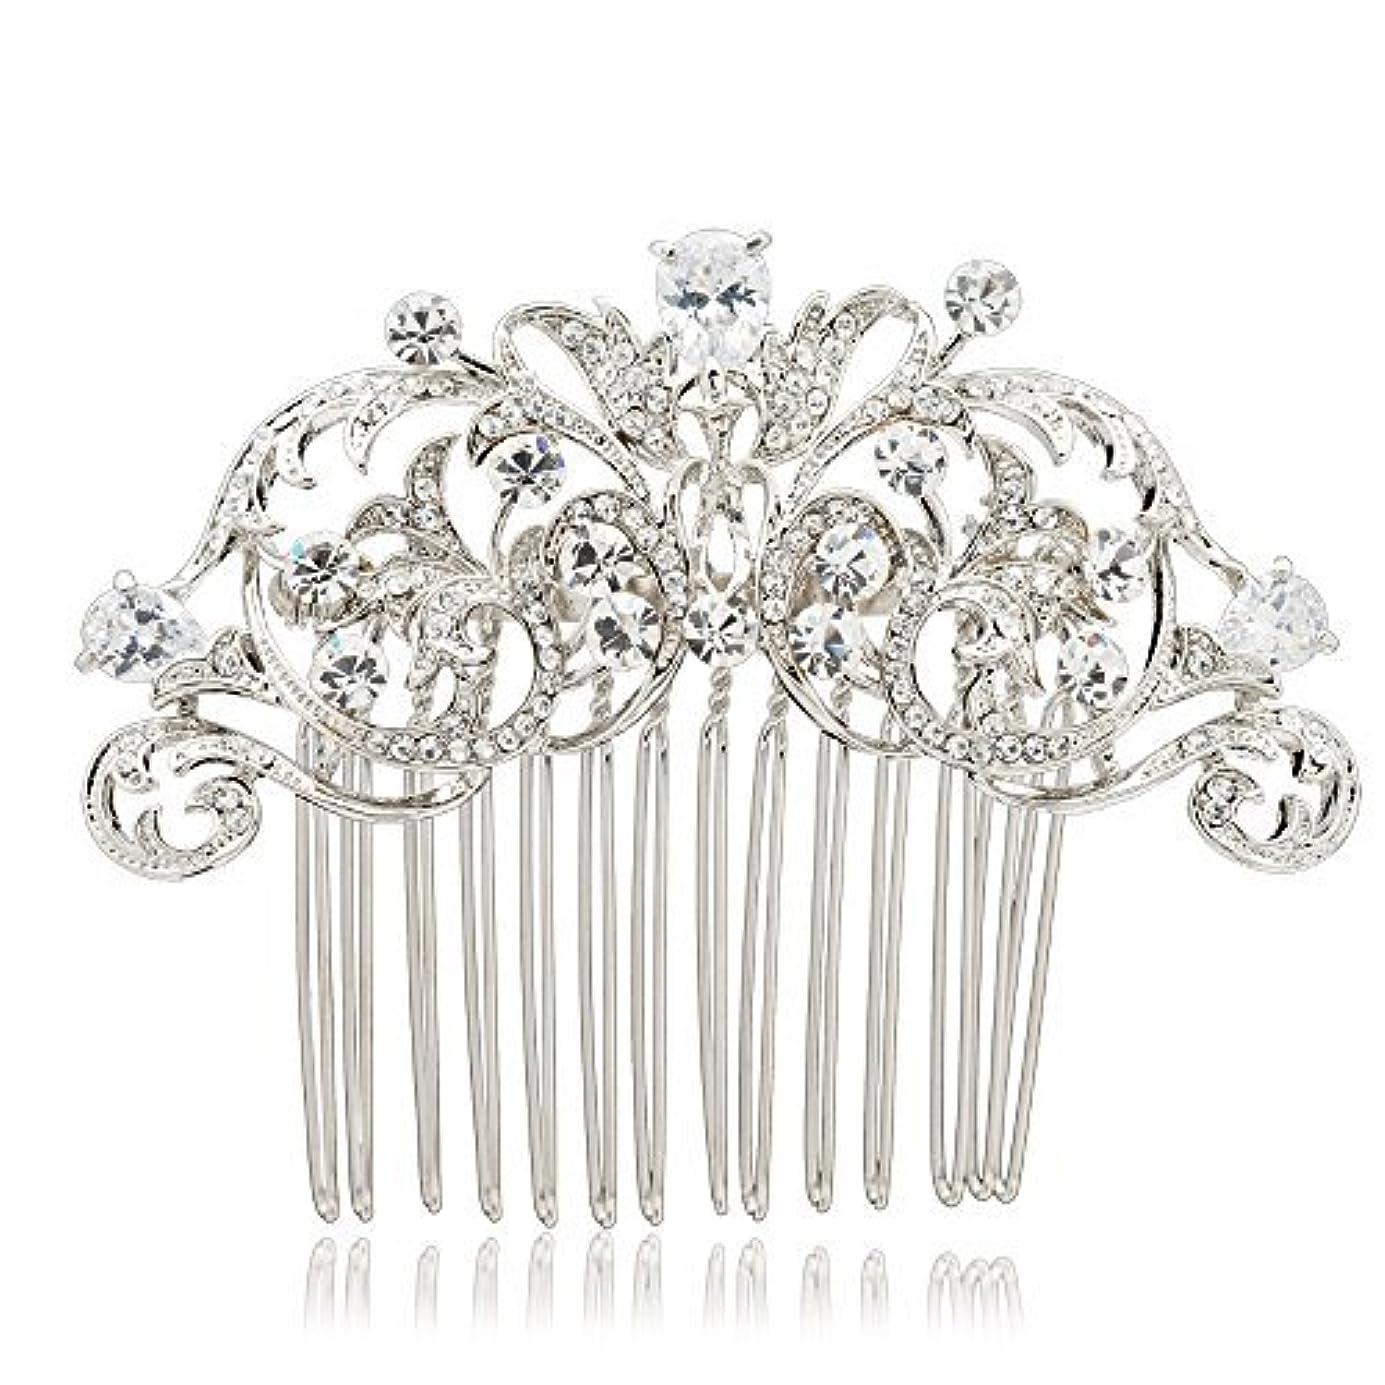 恐怖調停するゴネリルSEPBRIDALS Crystal Rhinestone Hair Side Comb Pins Bridal Wedding Women Hair Accessories Jewelry 2253R [並行輸入品]